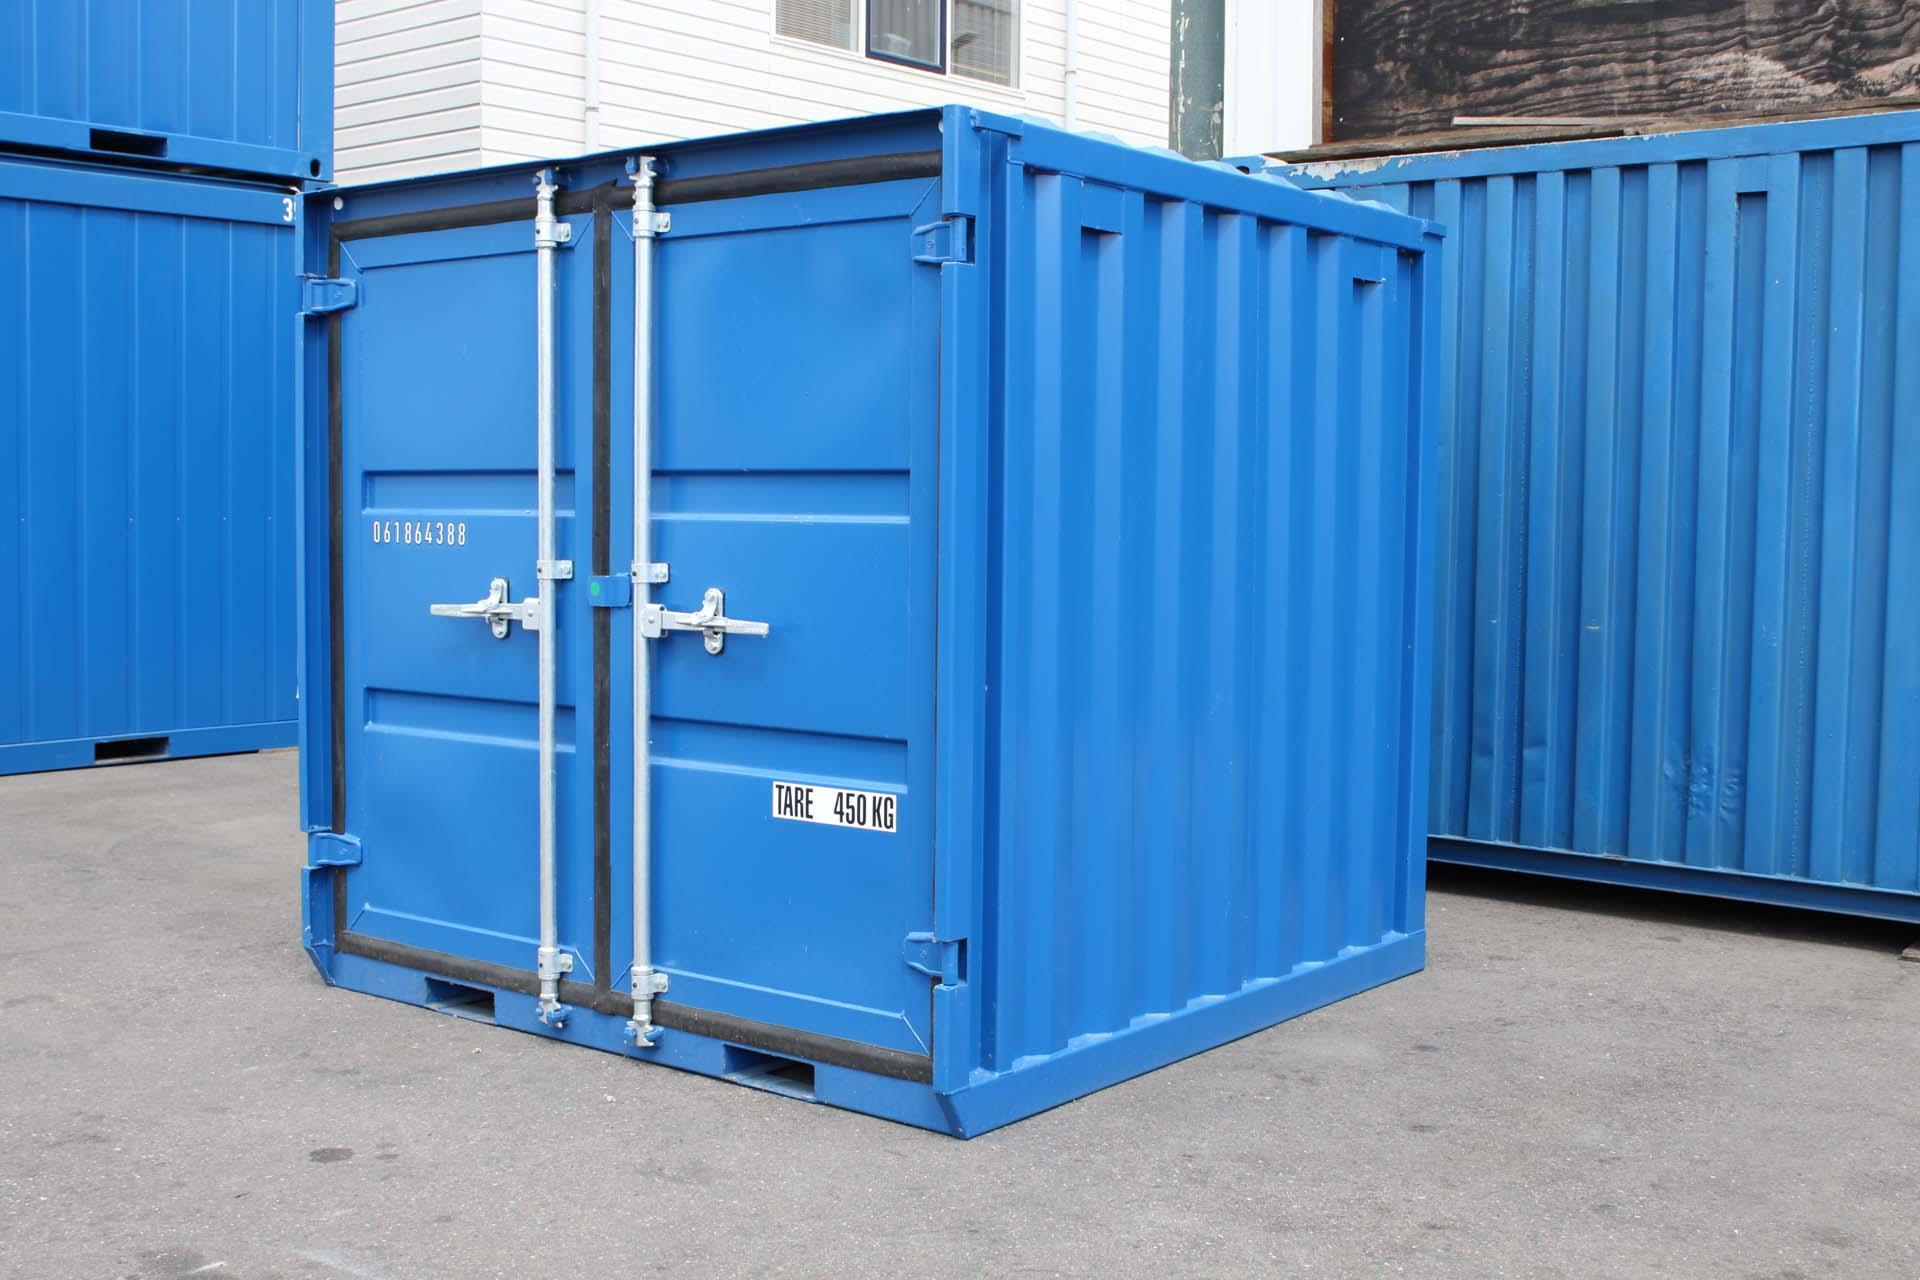 6 ft Opslagcontainer rechtsvoor